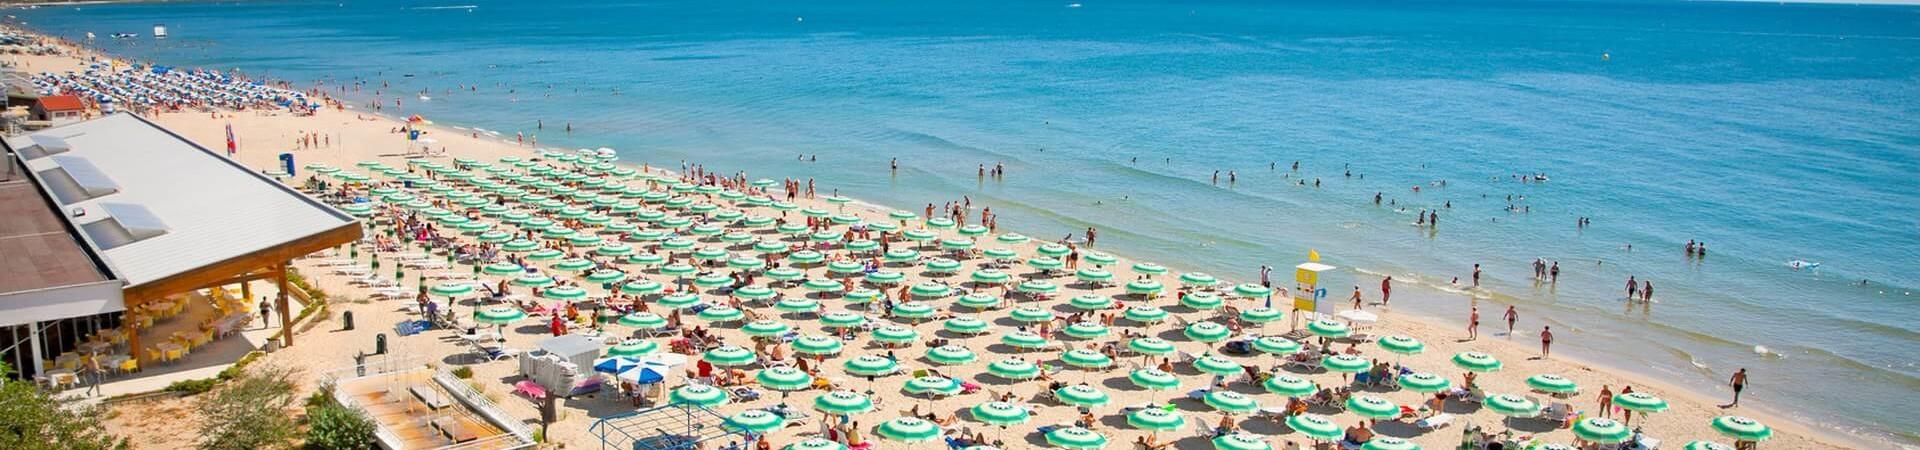 Bułgaria plaża